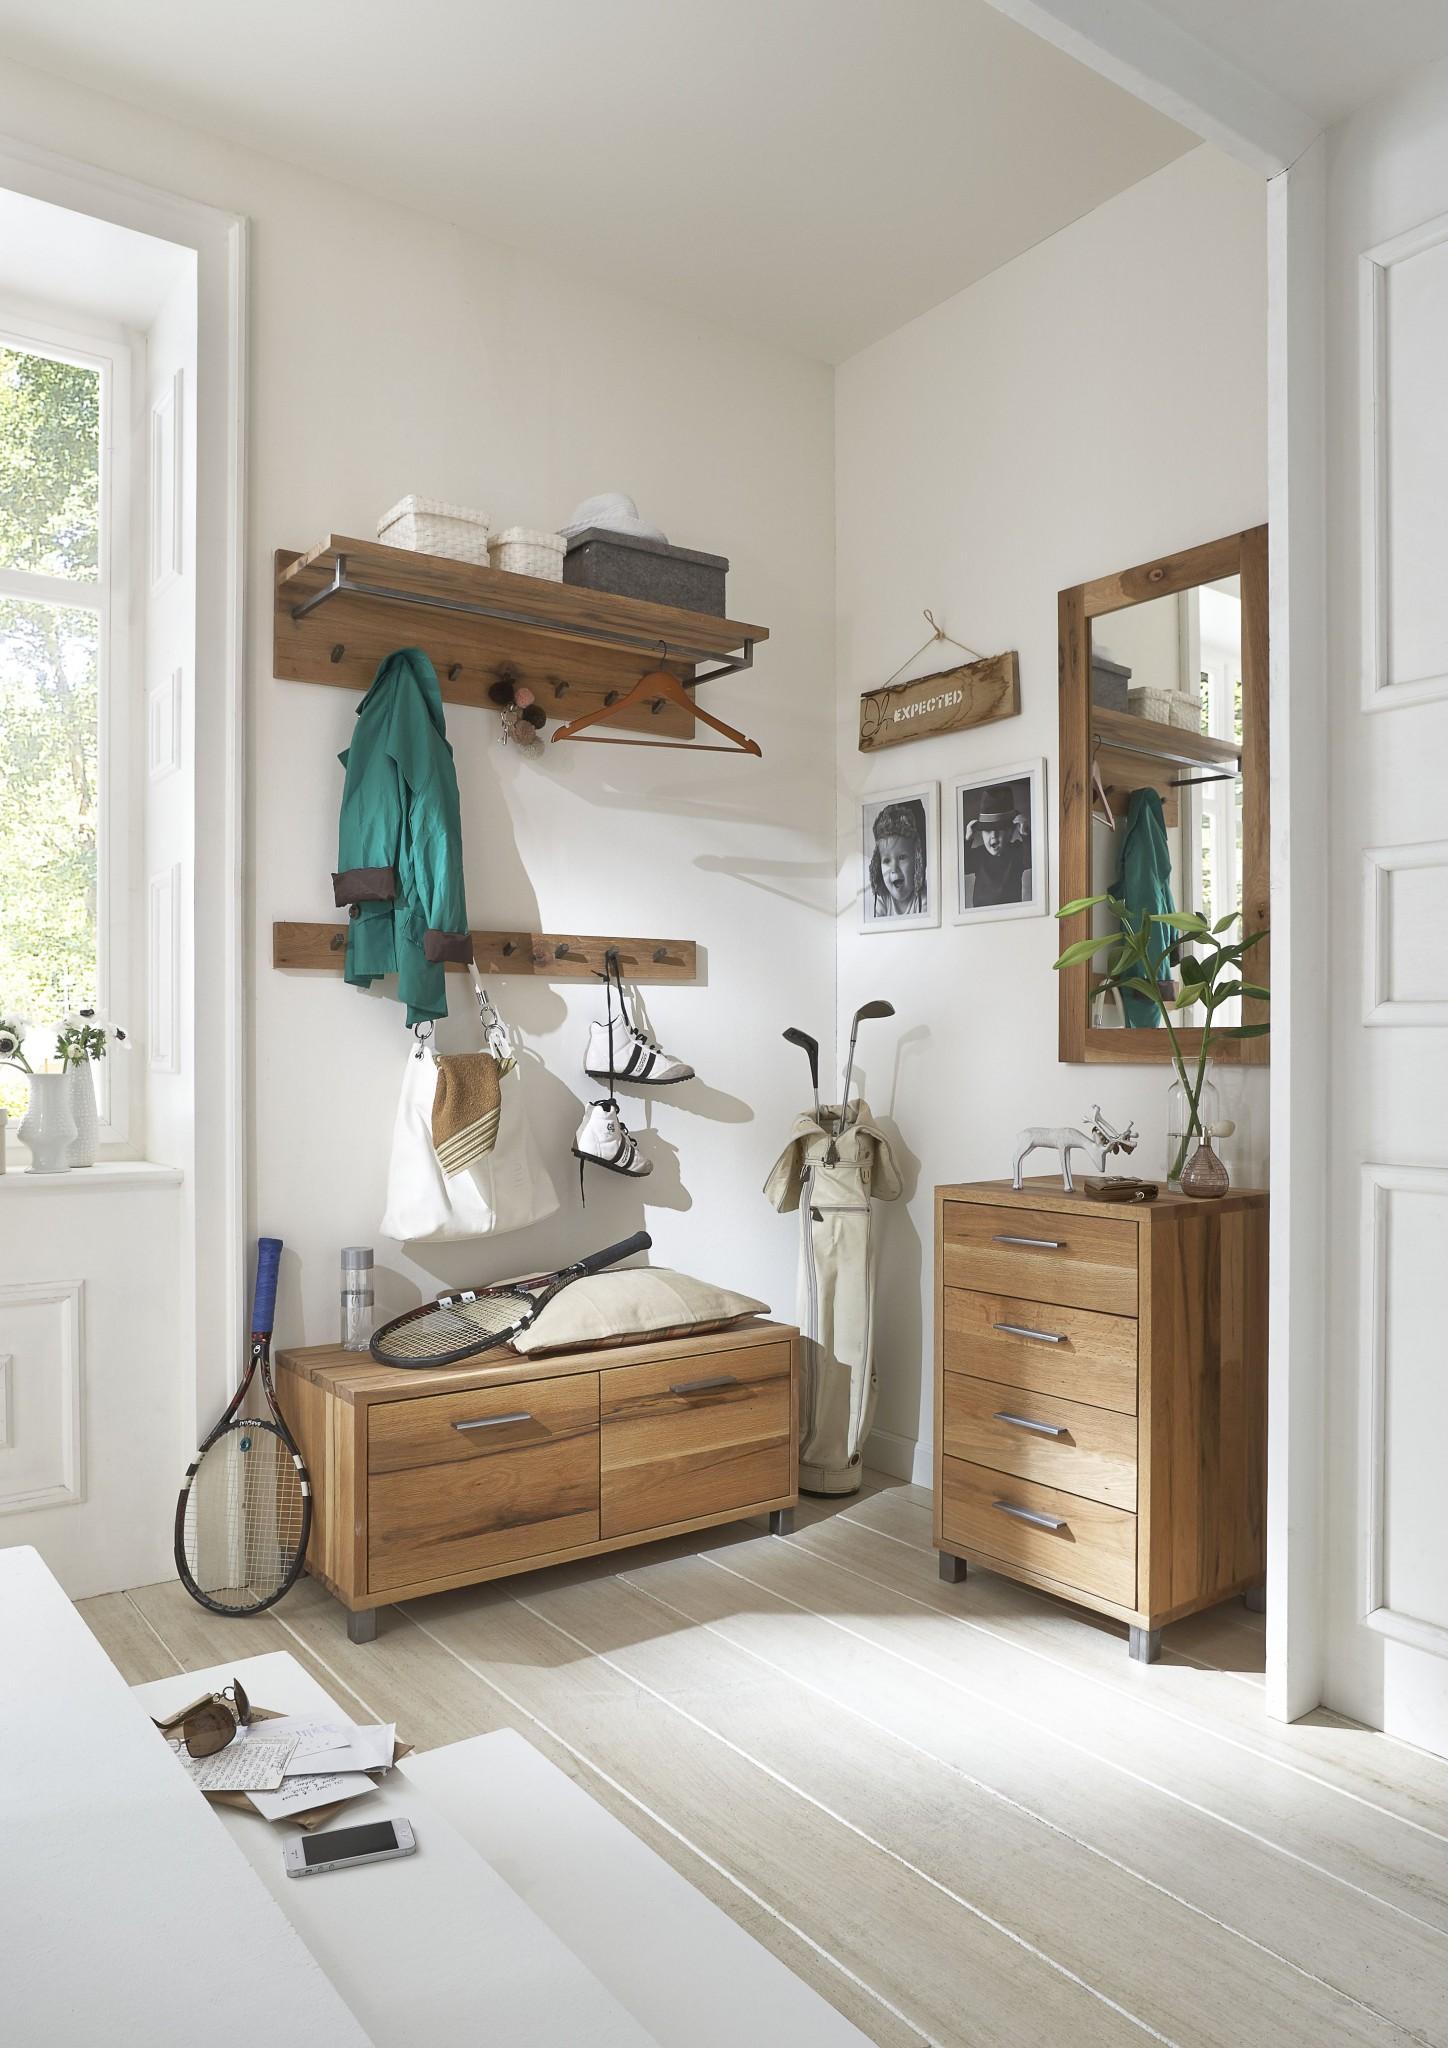 nette garderobenkombination la natura in balkeneiche massiv natur ge lt ber eck m bel polt. Black Bedroom Furniture Sets. Home Design Ideas